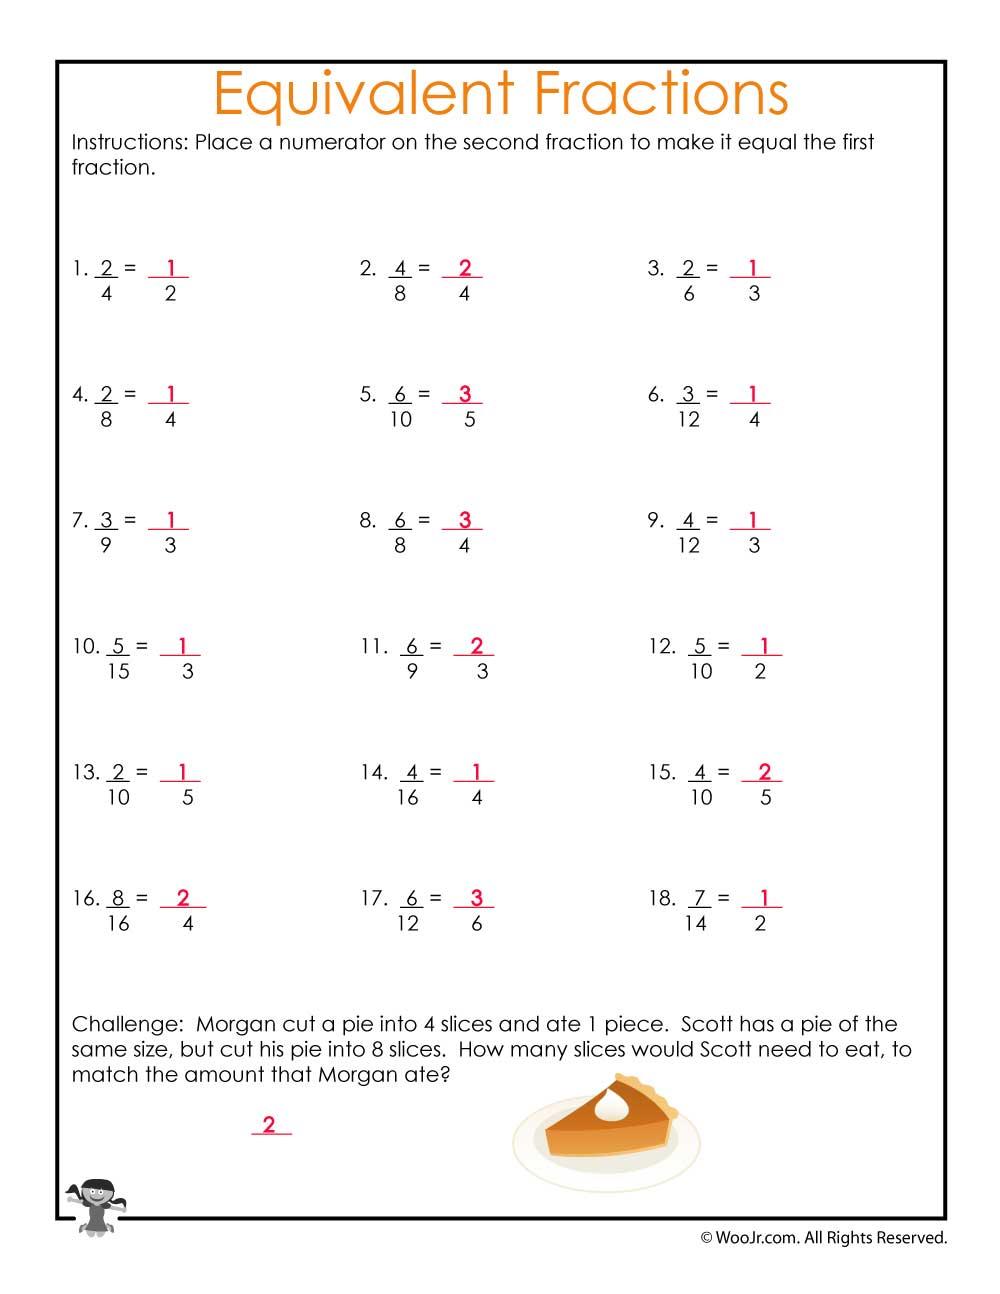 equivalent-fractions-worksheet-ak Valentine Math Worksheet Grade on grade 1 mazes, grade 1 printables, grade 8 social studies worksheets, grade 1 coloring pages, grade 1 science, patterns worksheets, reading worksheets, grade 1 games, grade 8 english worksheets, grade 1 lessons, grade 1 spelling lists, kindergarten worksheets, grade 2 social studies worksheets, grade 1 algebra, grade 5 social studies worksheets, dot to dot worksheets, grade 1 back to school, grade 1 tables, grade 2 science worksheets,